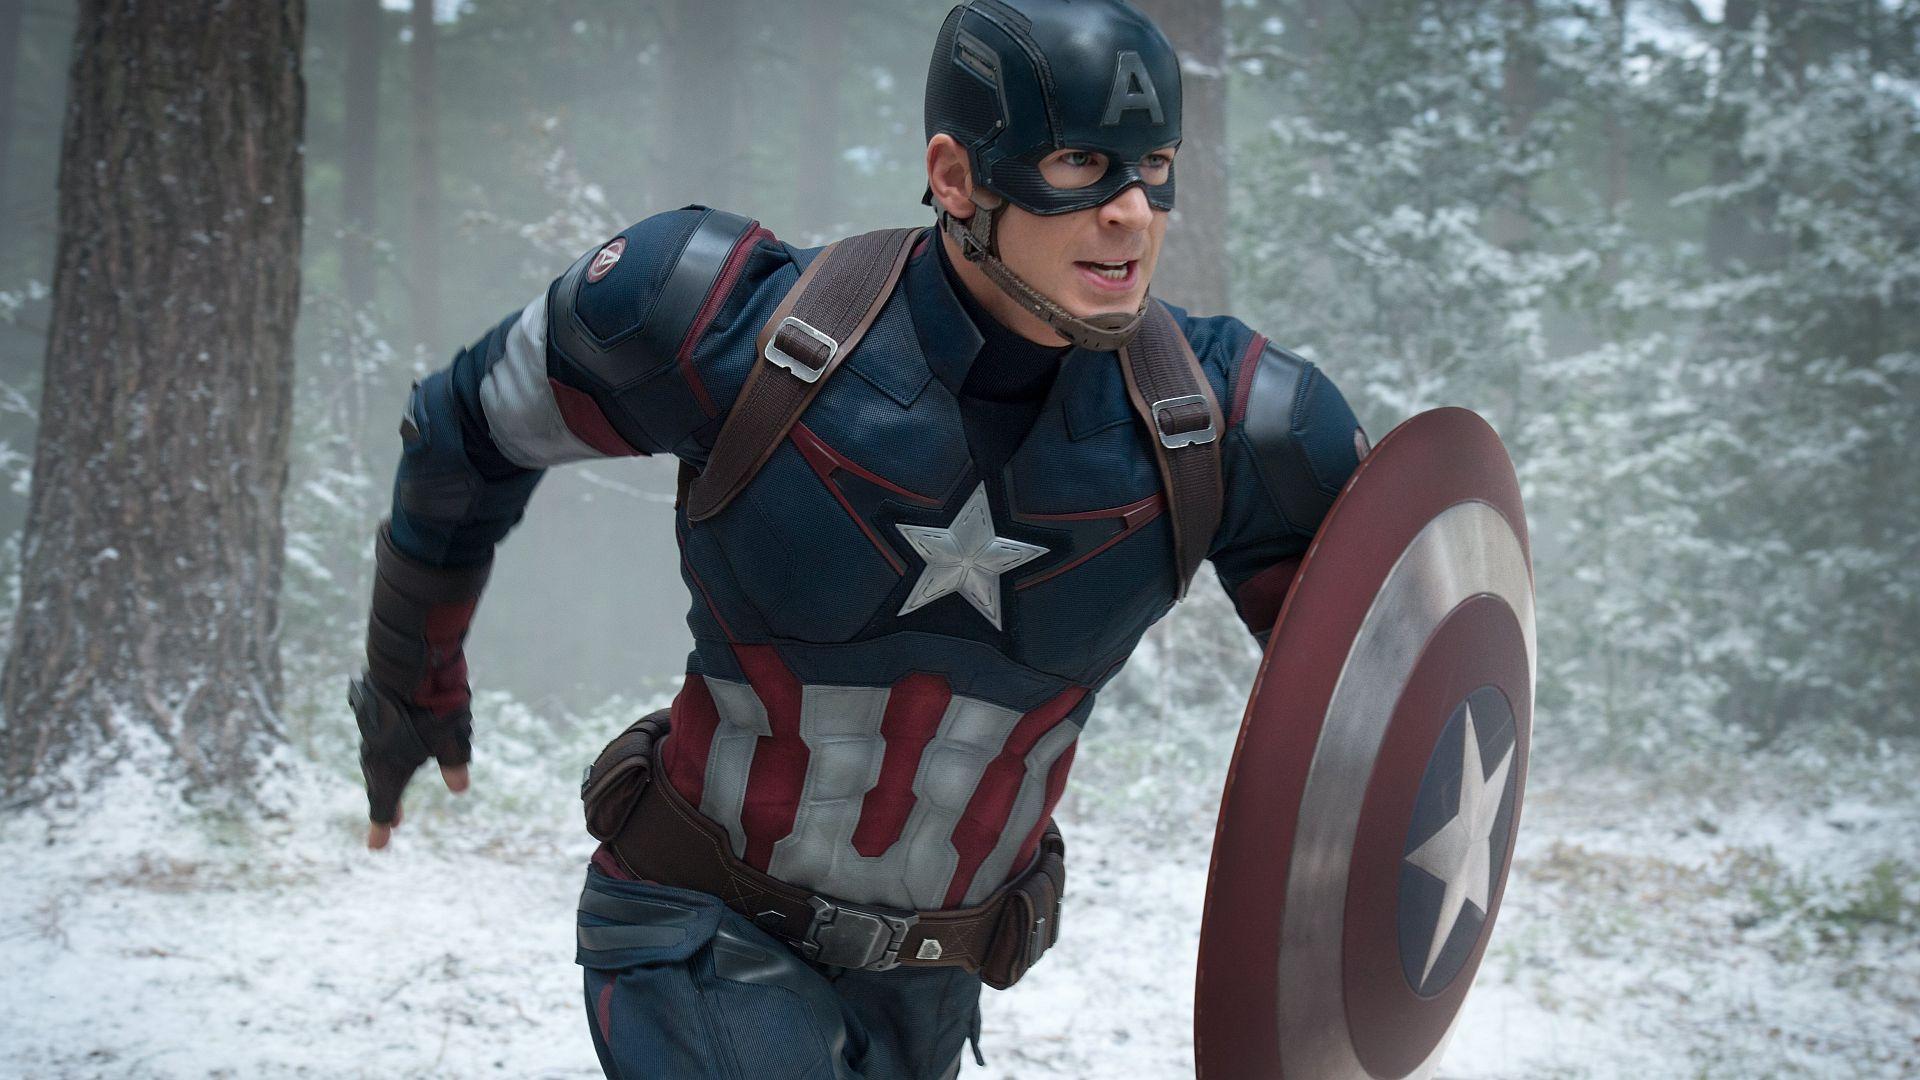 Крис Эванс назвал роль Капитана Америка лучшим решением всвоей жизни. Хотя сначала отнее отказался